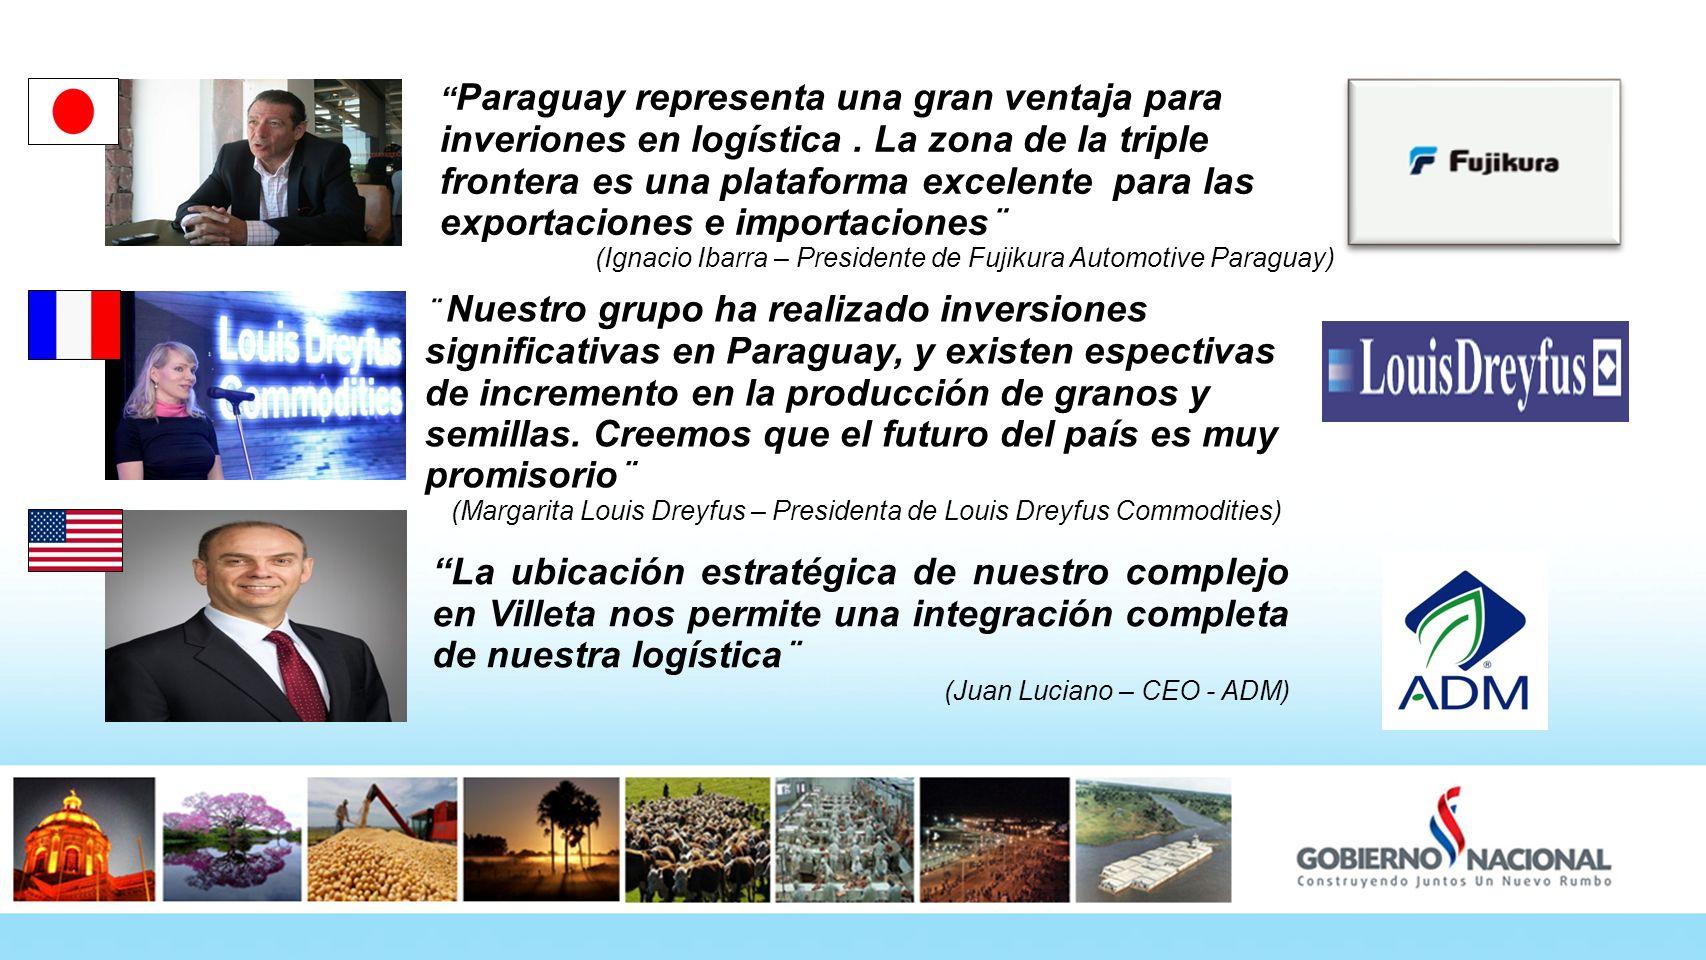 Paraguay representa una gran ventaja para inveriones en logística.